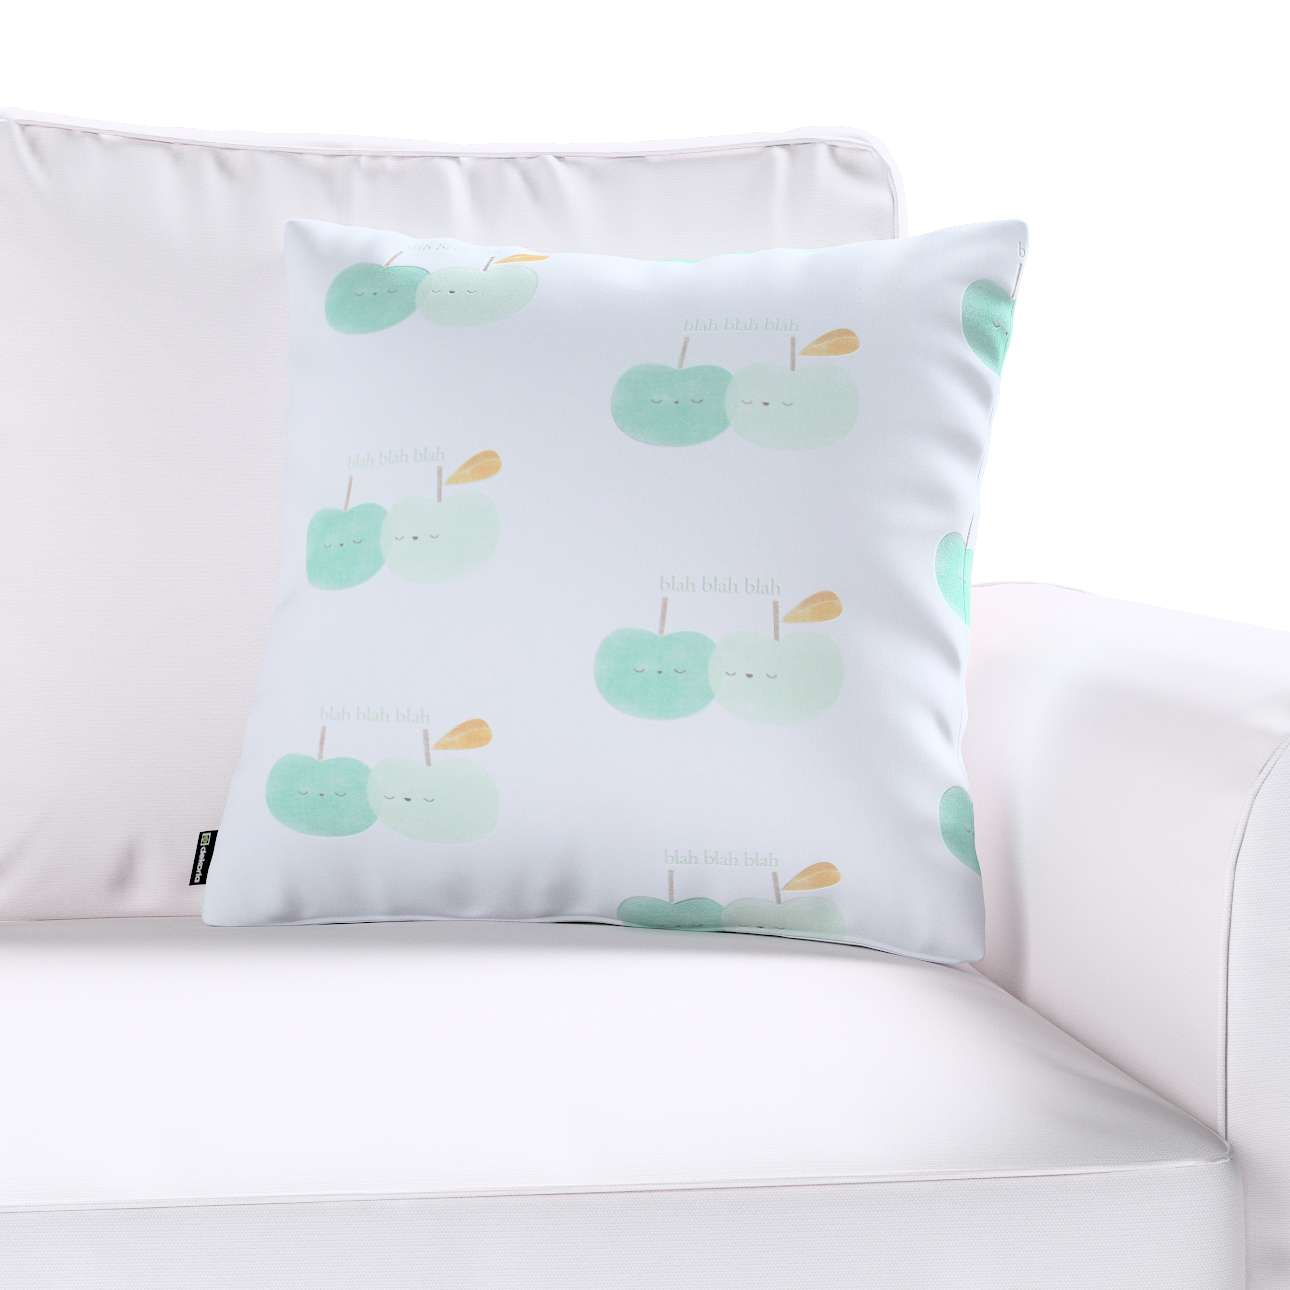 Kinga dekoratyvinės pagalvėlės užvalkalas 43 x 43 cm kolekcijoje Apanona, audinys: 151-02